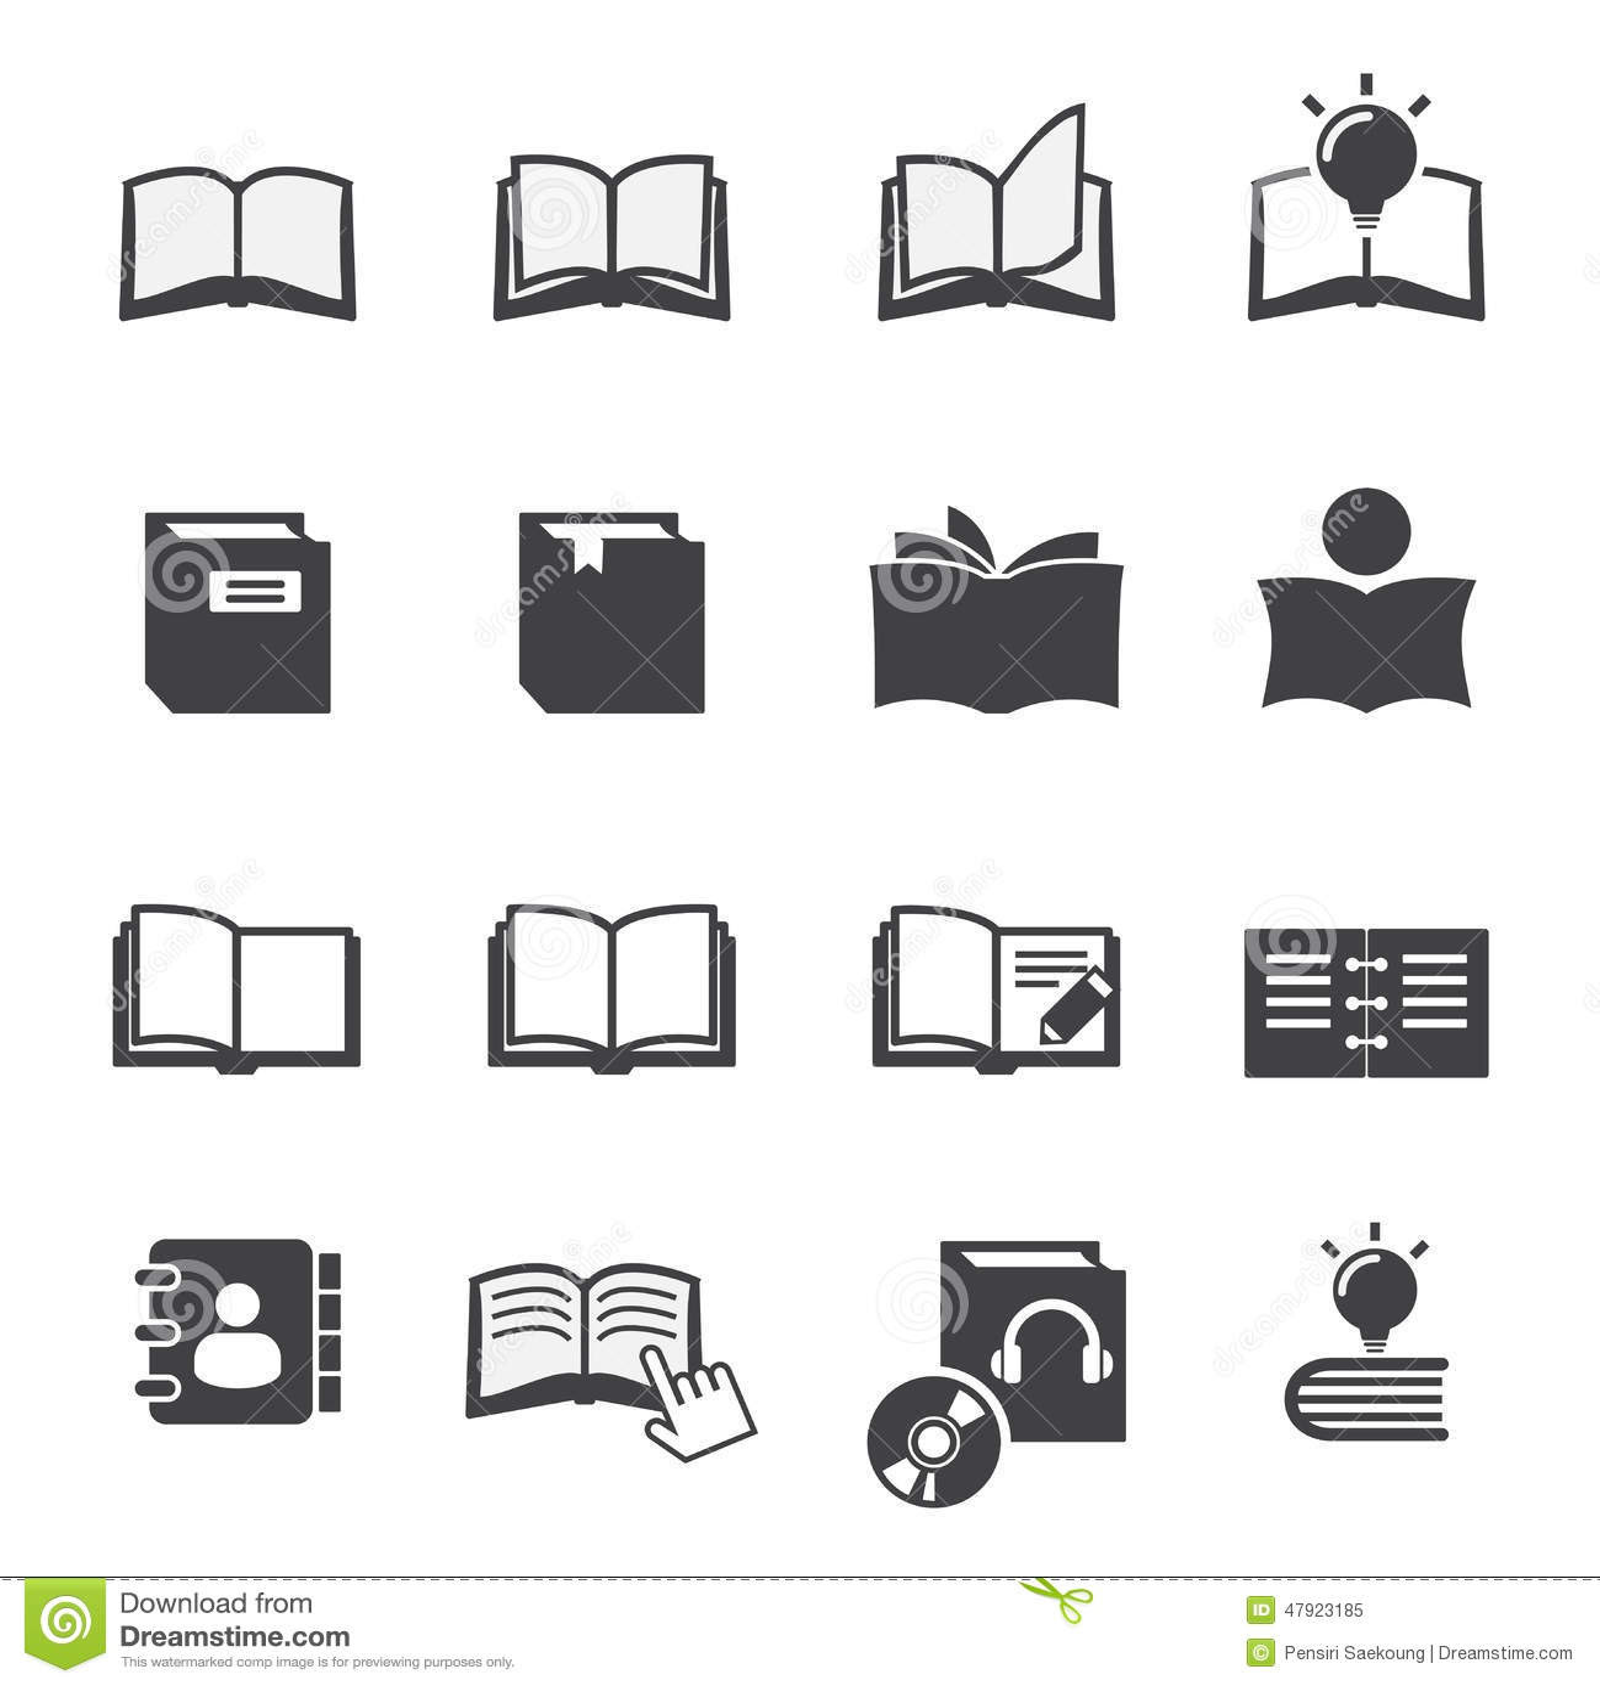 71 Symbol Of Book In Dreams Symbol Book In Of Dreams